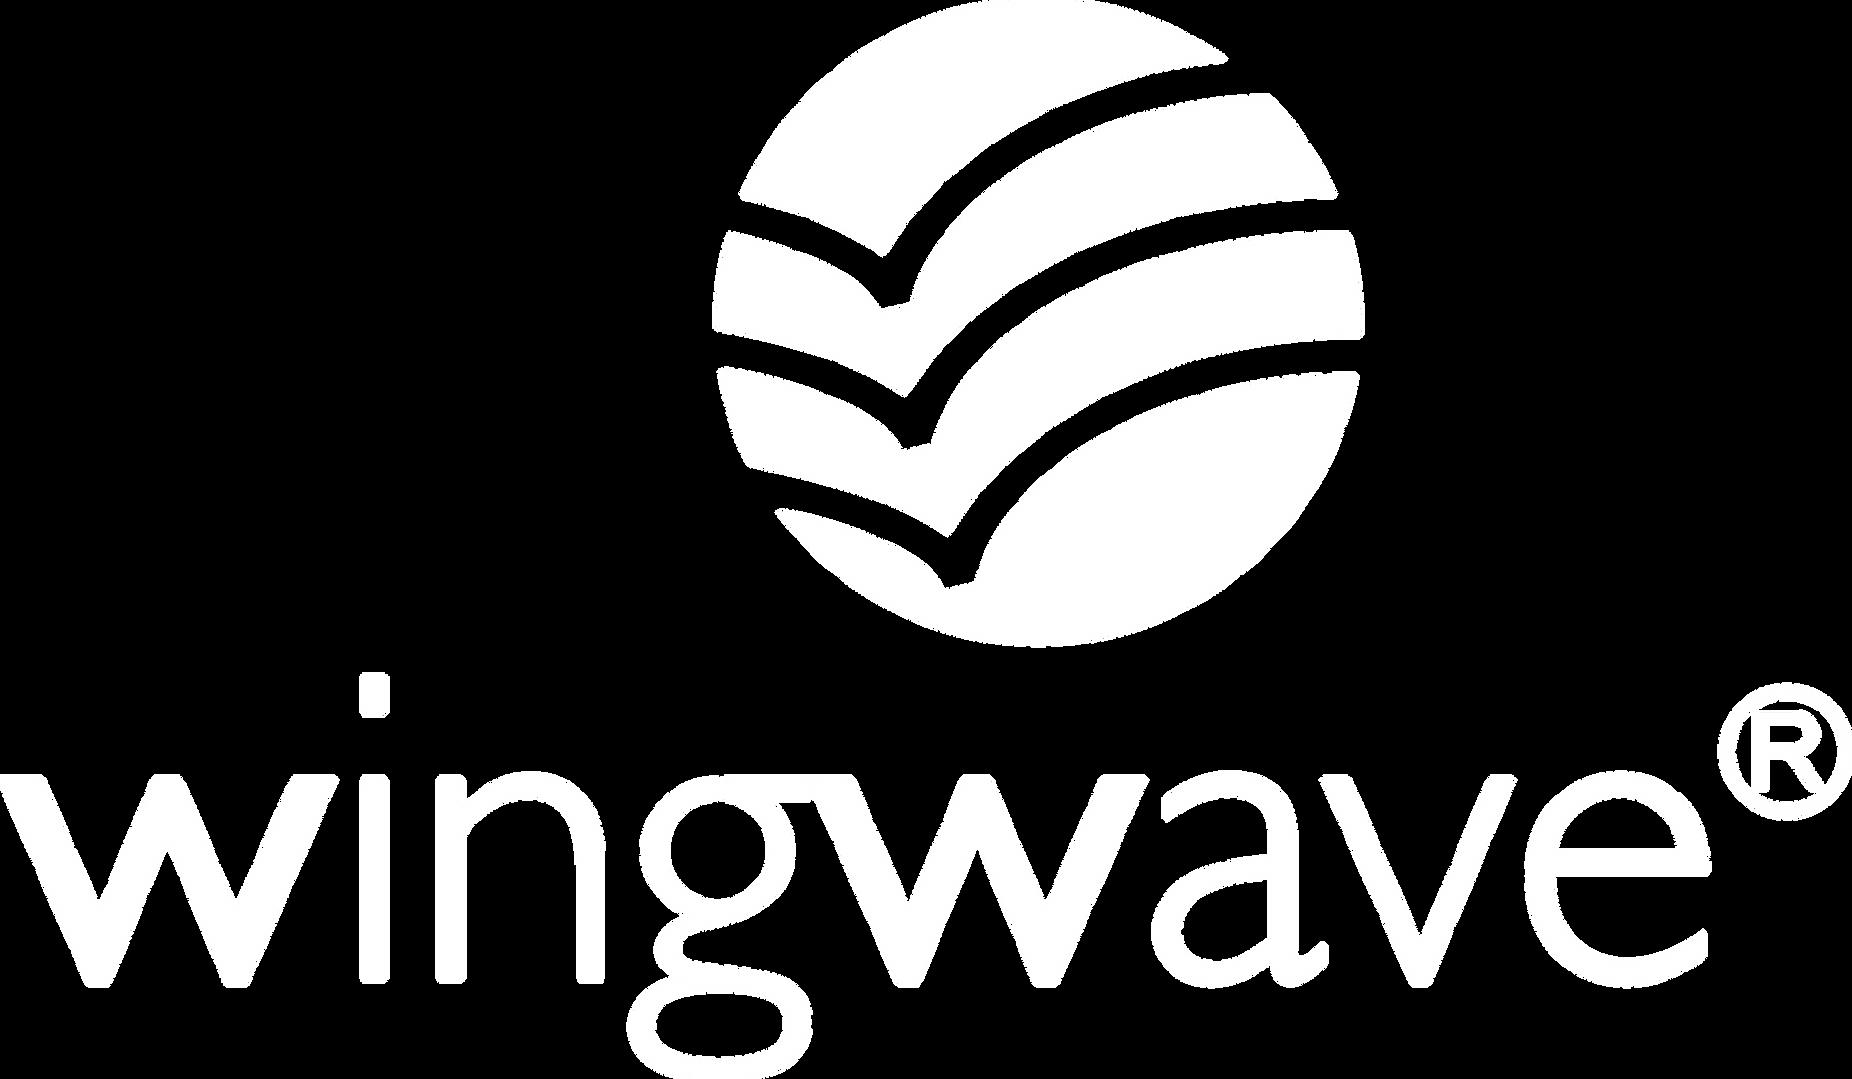 ww_logo_white.png